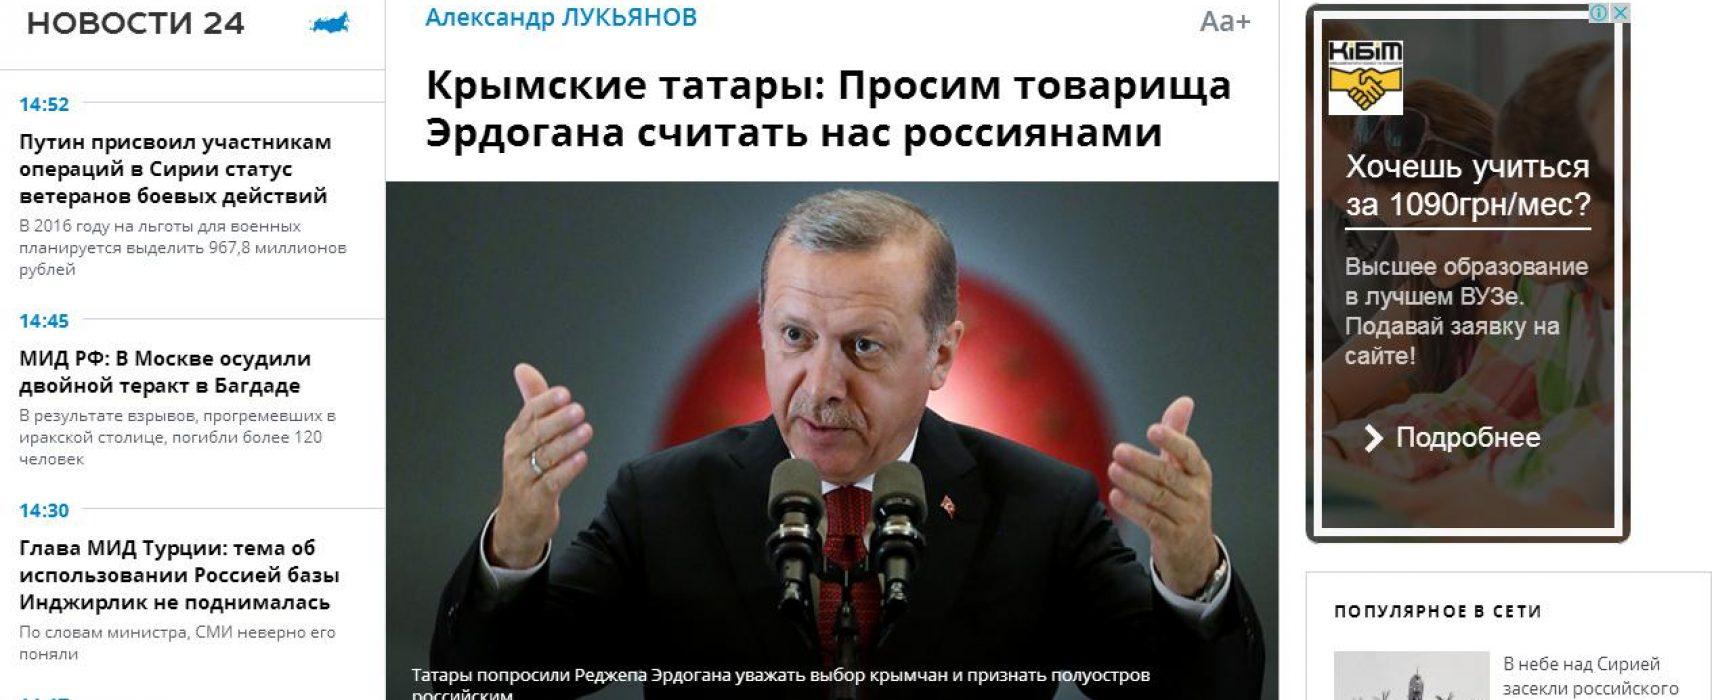 Fake: Крымские татары призвали Турцию признать полуостров российским